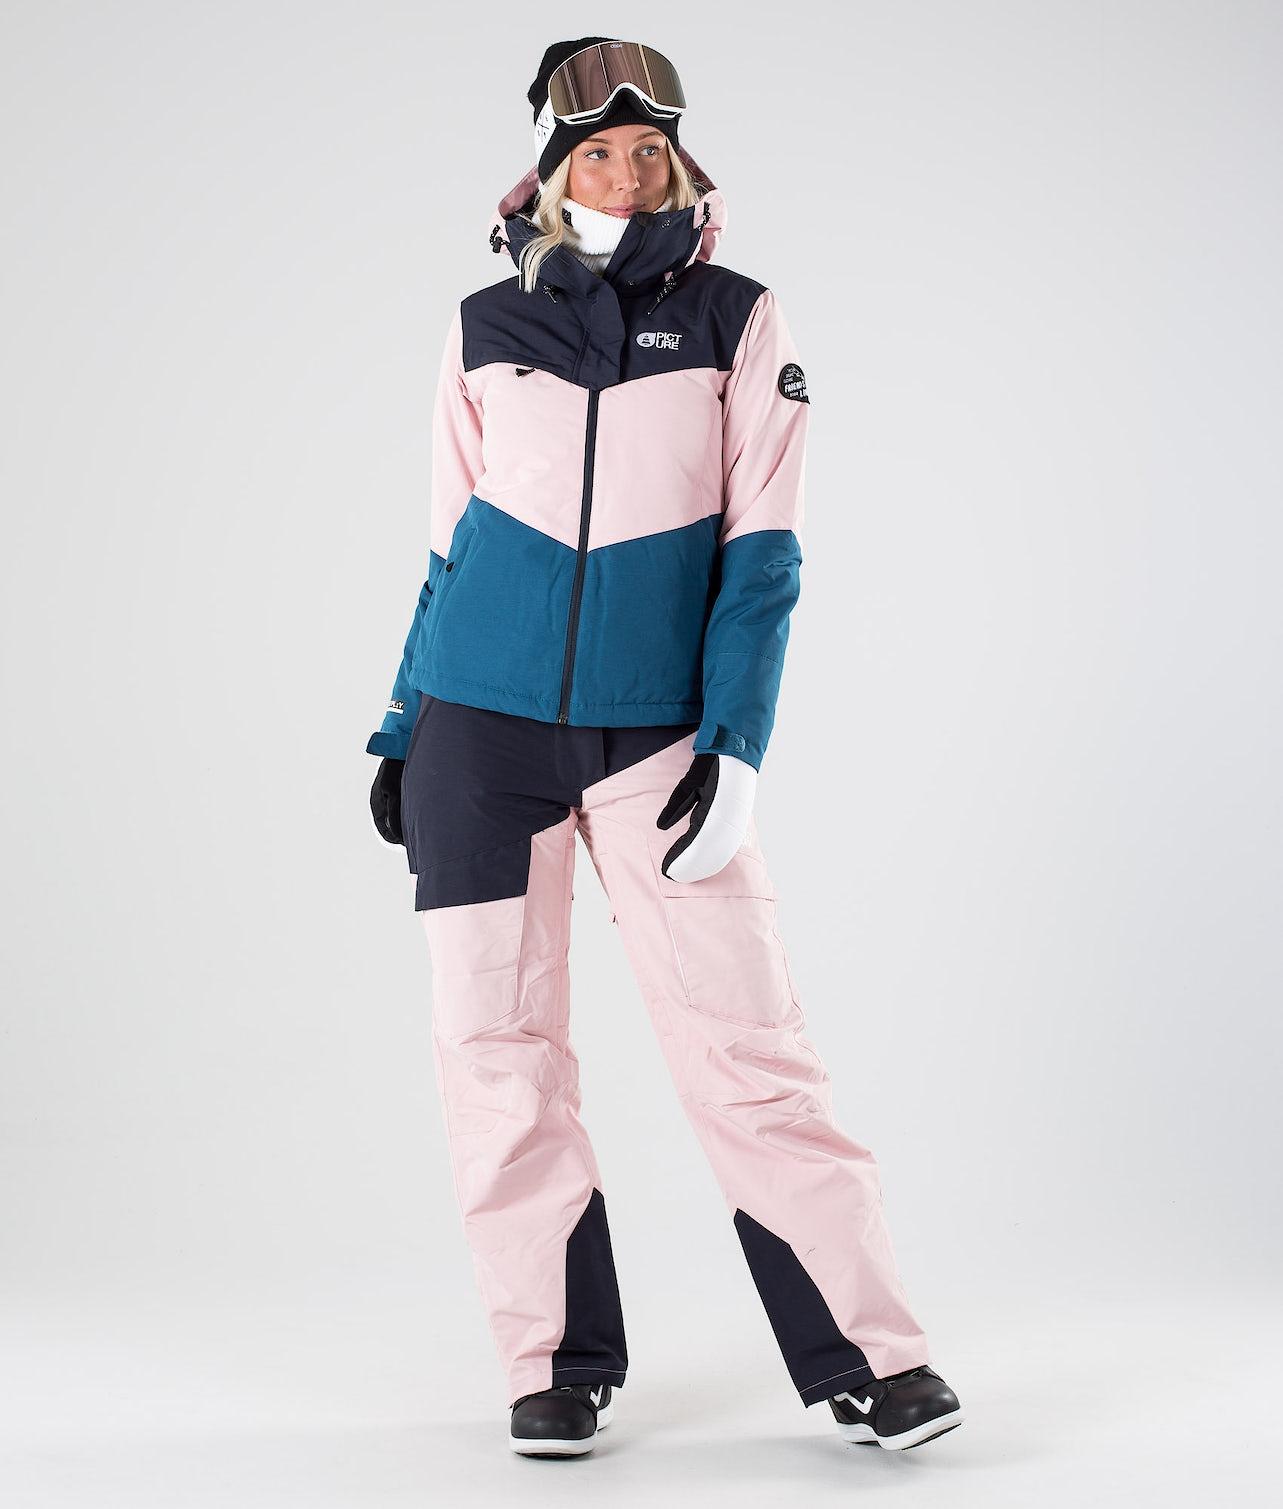 Kjøp Week End Snowboardjakke fra Picture på Ridestore.no - Hos oss har du alltid fri frakt, fri retur og 30 dagers åpent kjøp!